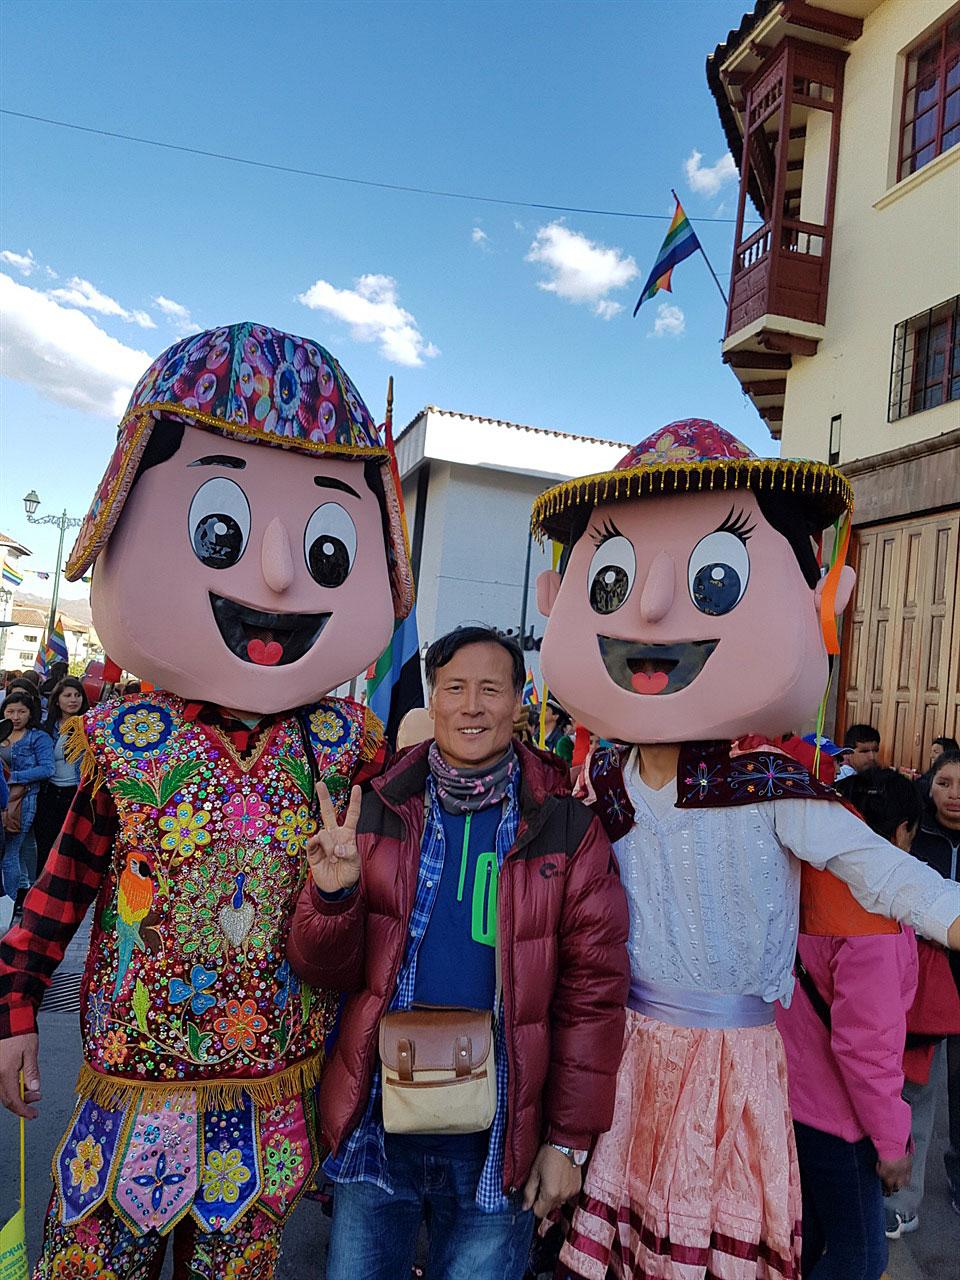 스페인으로부터 유입된 문화 거리 페레이드는 대장관이다. 형형색색의 전통 잉카인들의 복장을 한 무희들이 펼치는 거래행진은 전 세계에서 온 관광객들의 눈에는 신비롭기만 하다.  그런데 이러한 인형모양의 퍼포먼스는 아무래도 스페인점령군으로부터 유입된 것으로 생각된다.